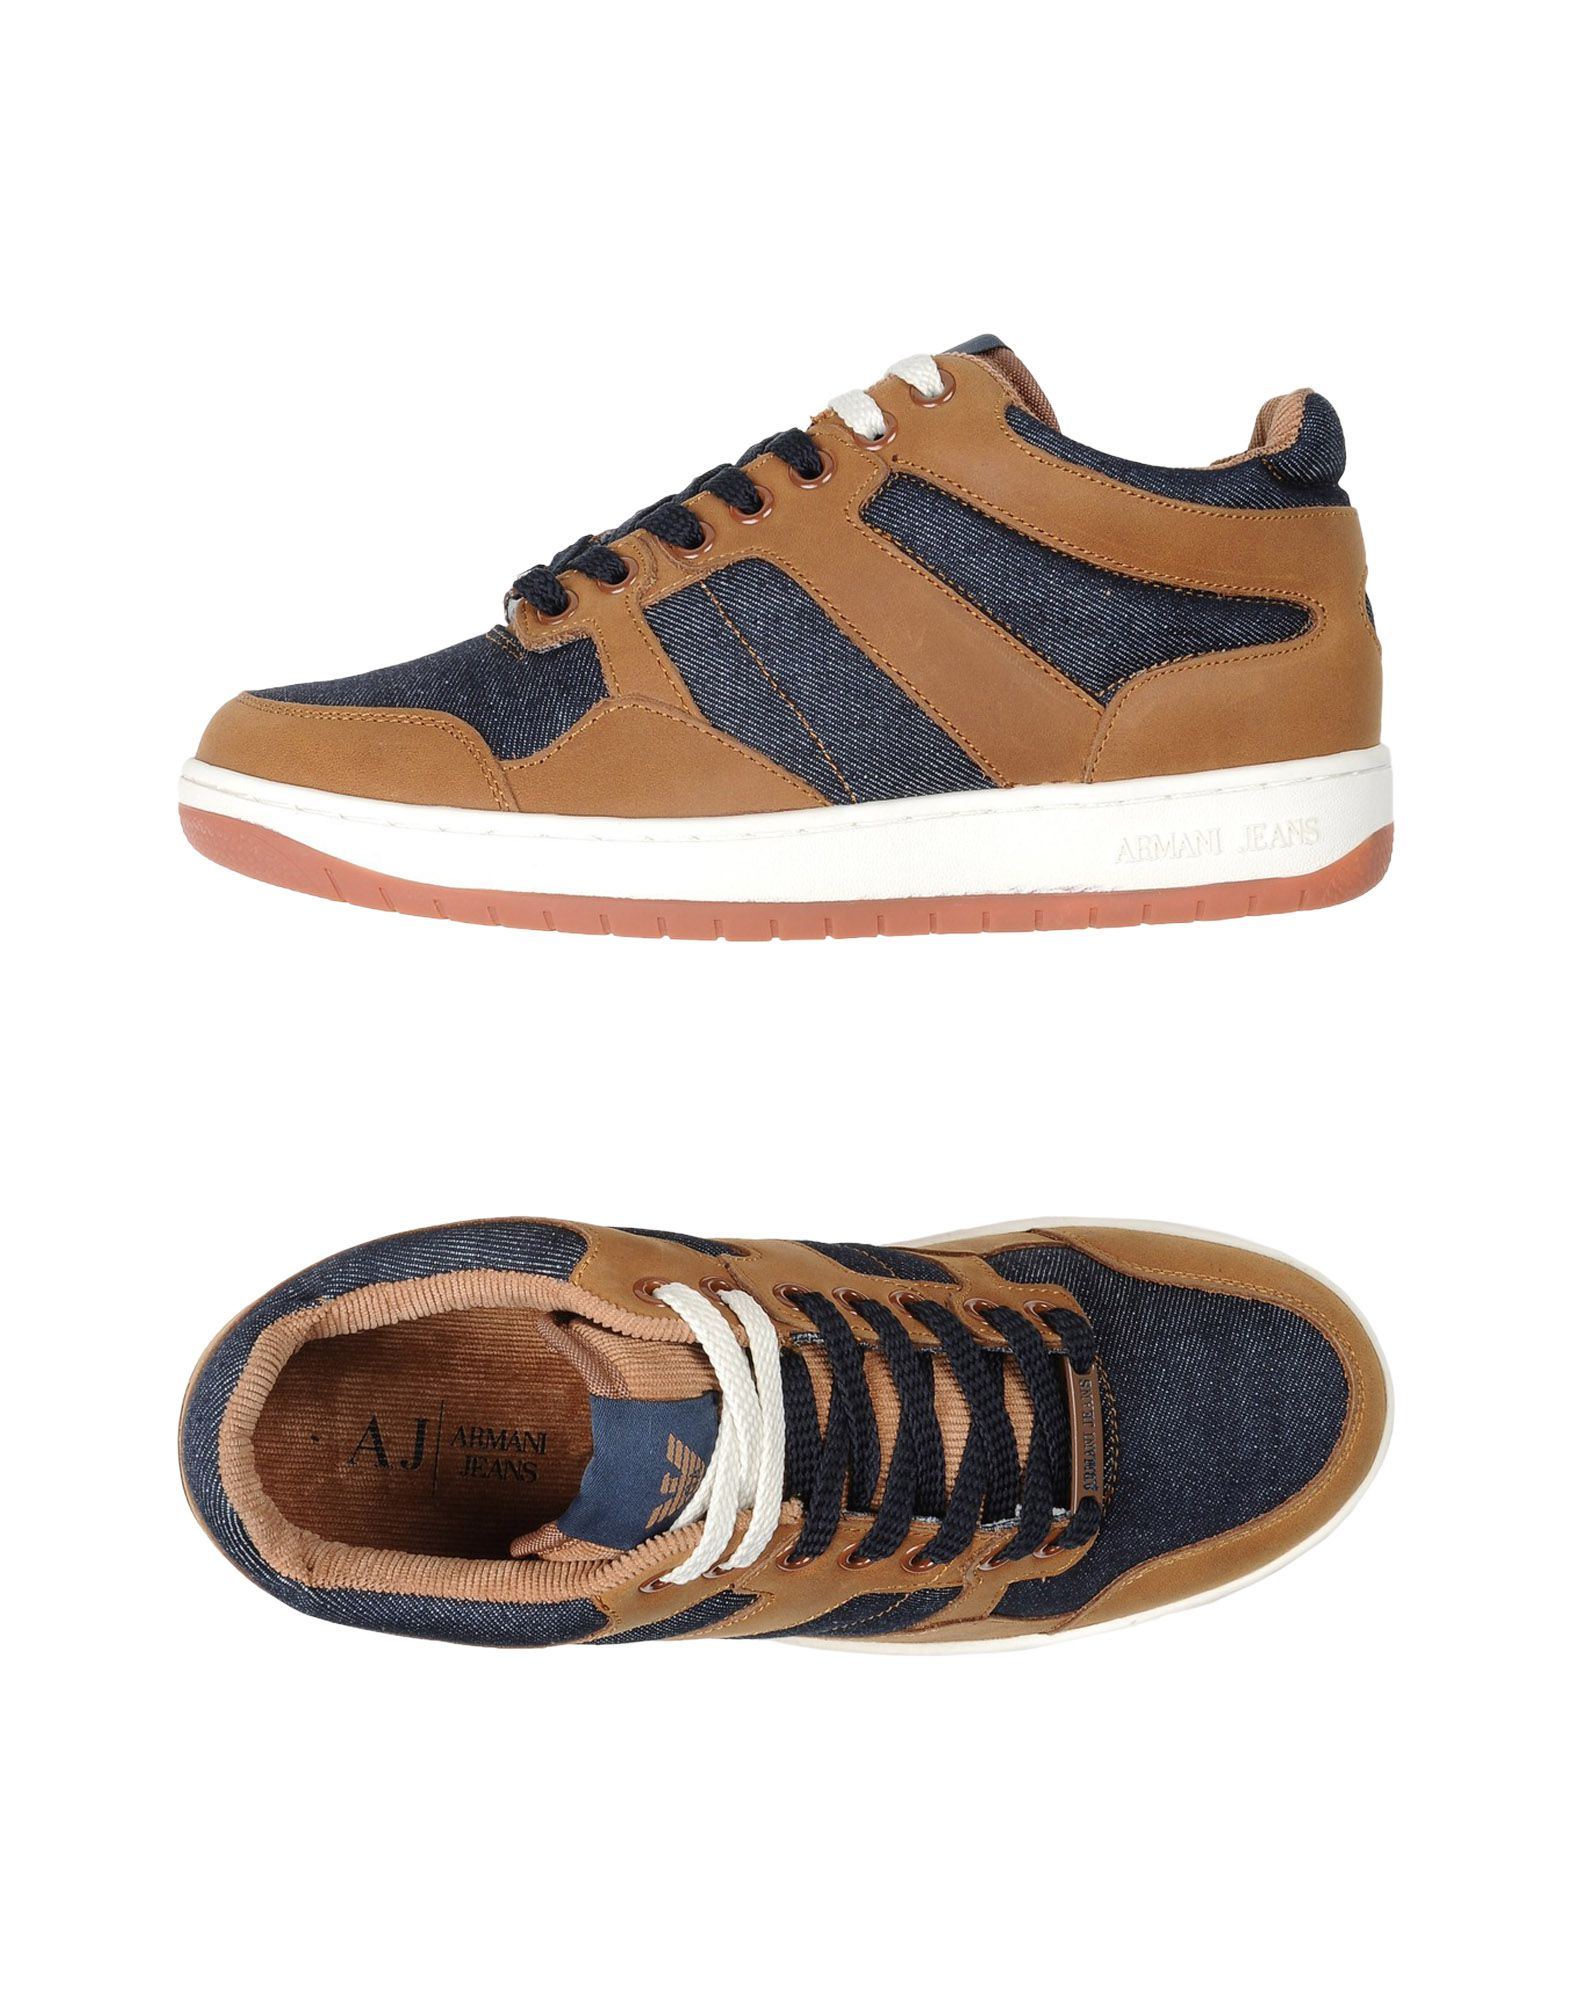 Rabatt echte Schuhe Herren Armani Jeans Sneakers Herren Schuhe  11326465RG 1c9b0a